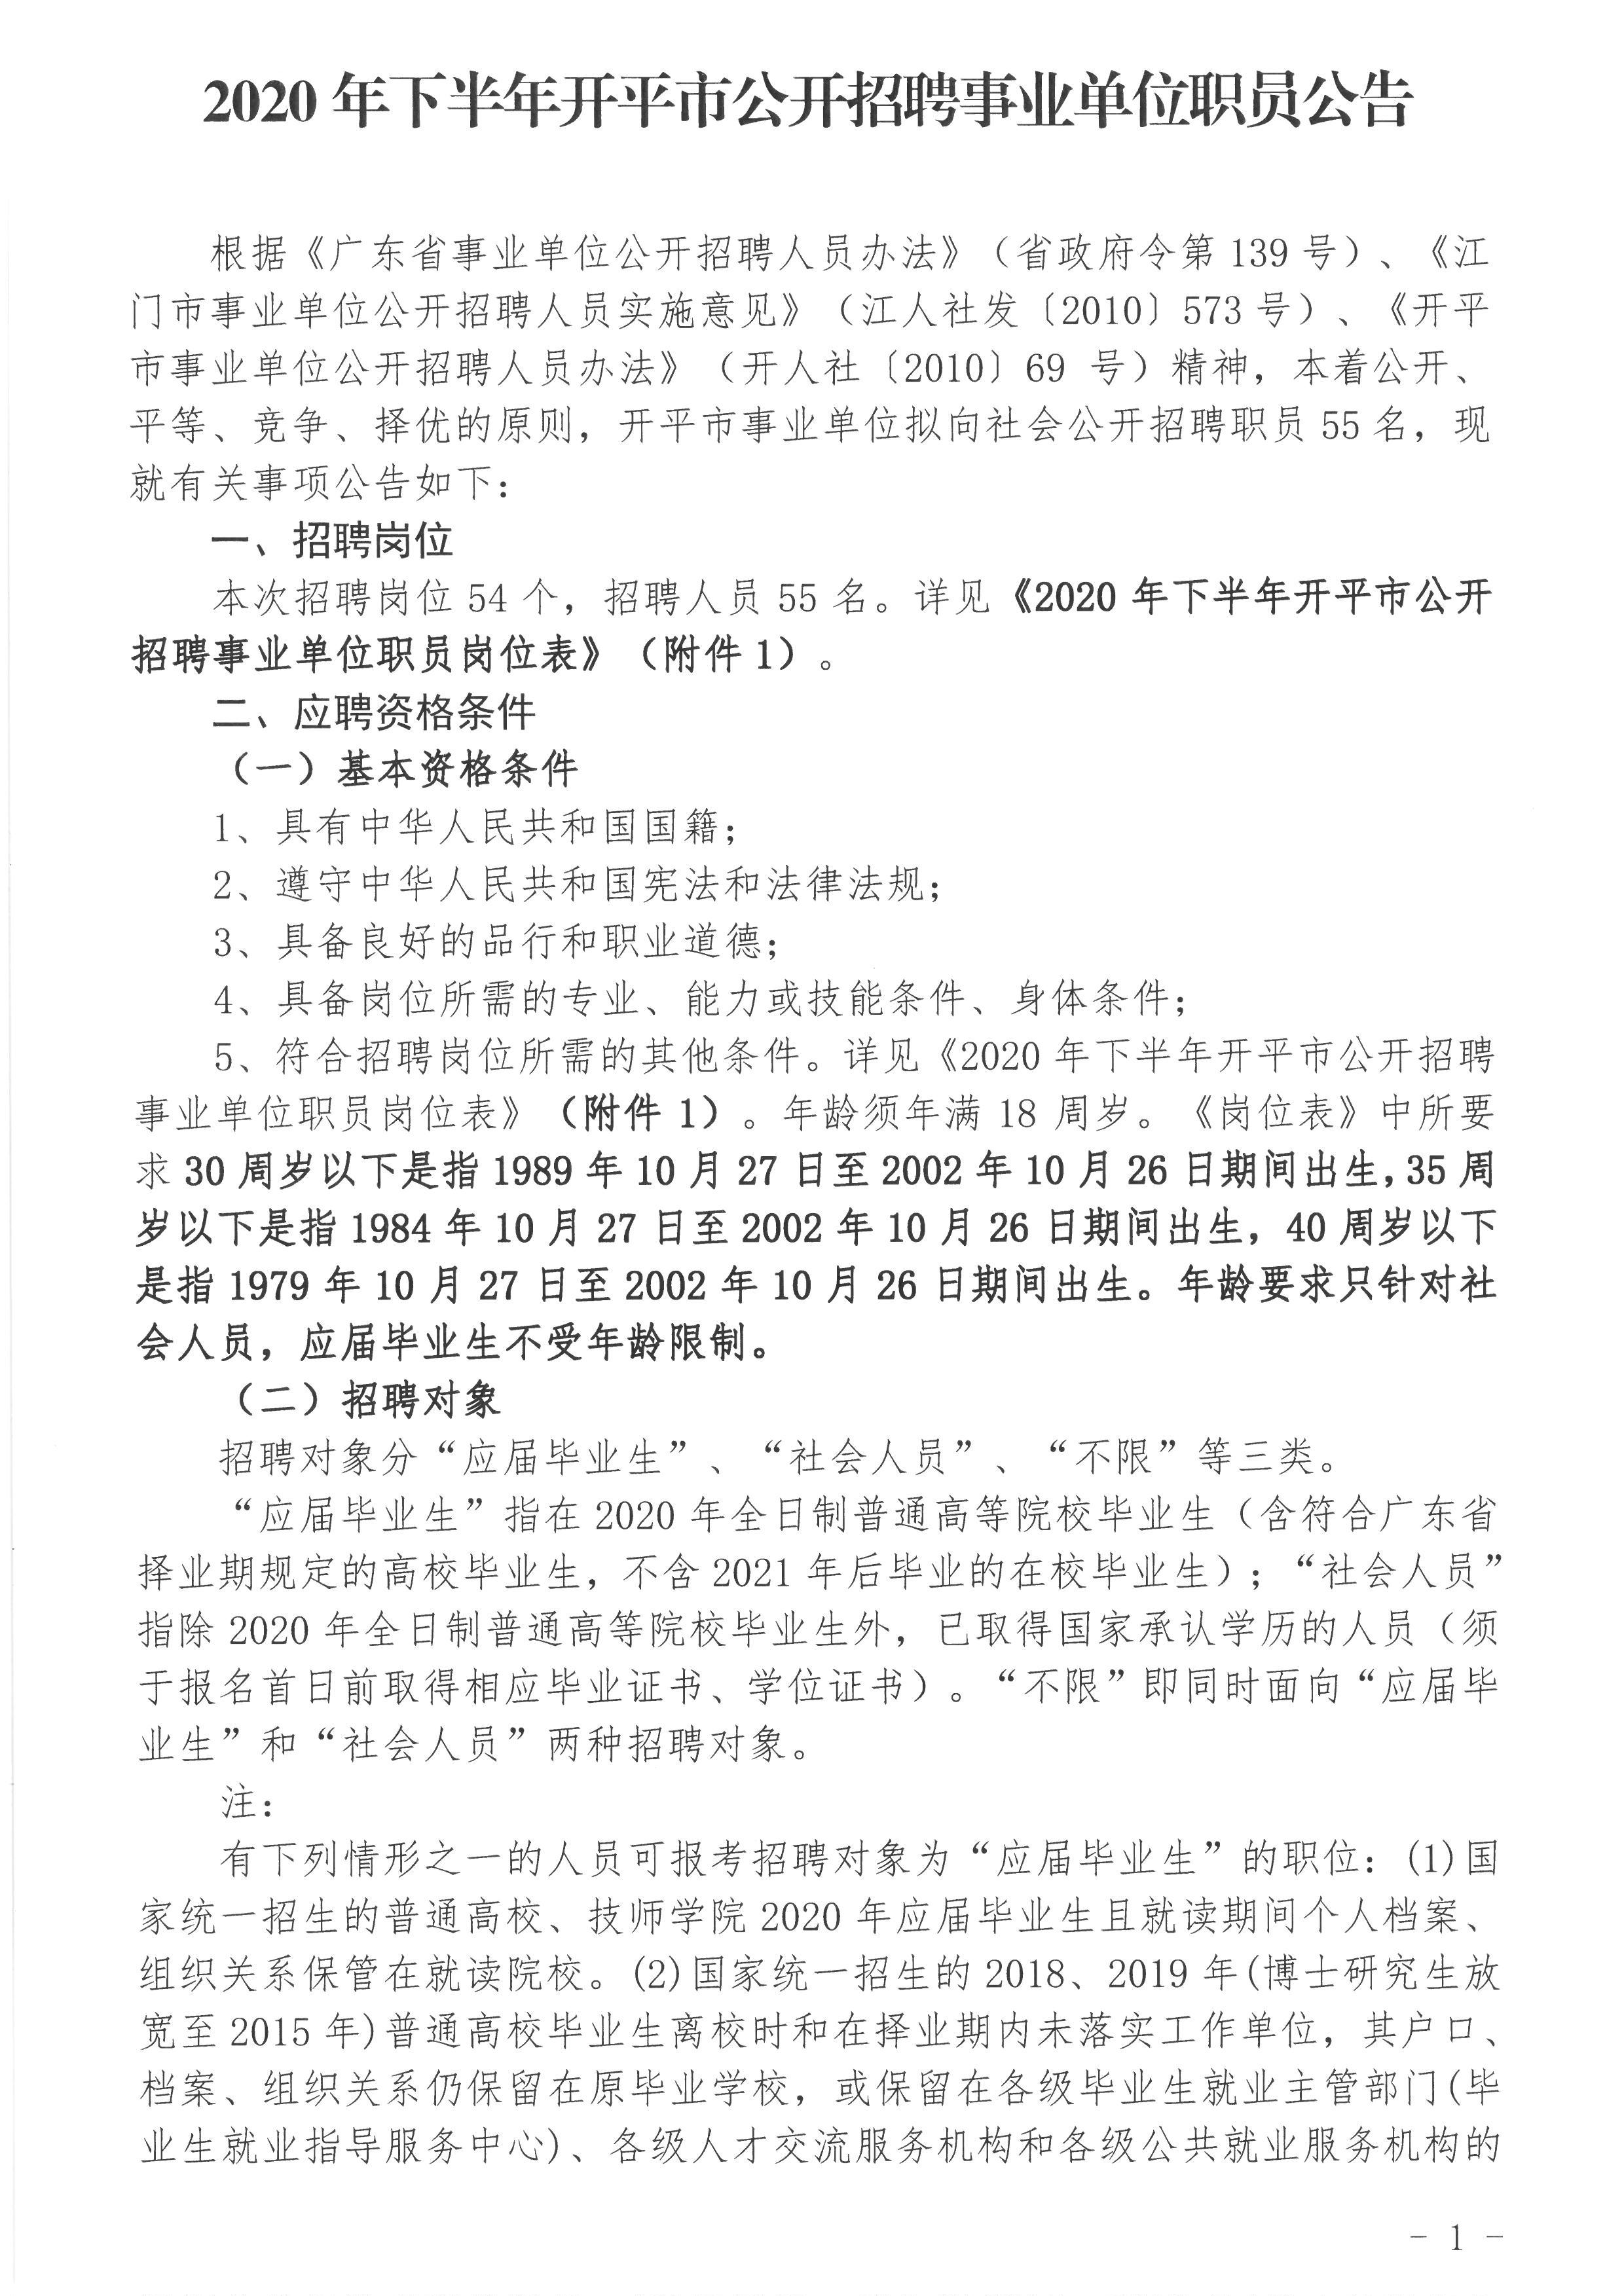 2020下半年江门开平市事业单位招聘考试公告(55名)